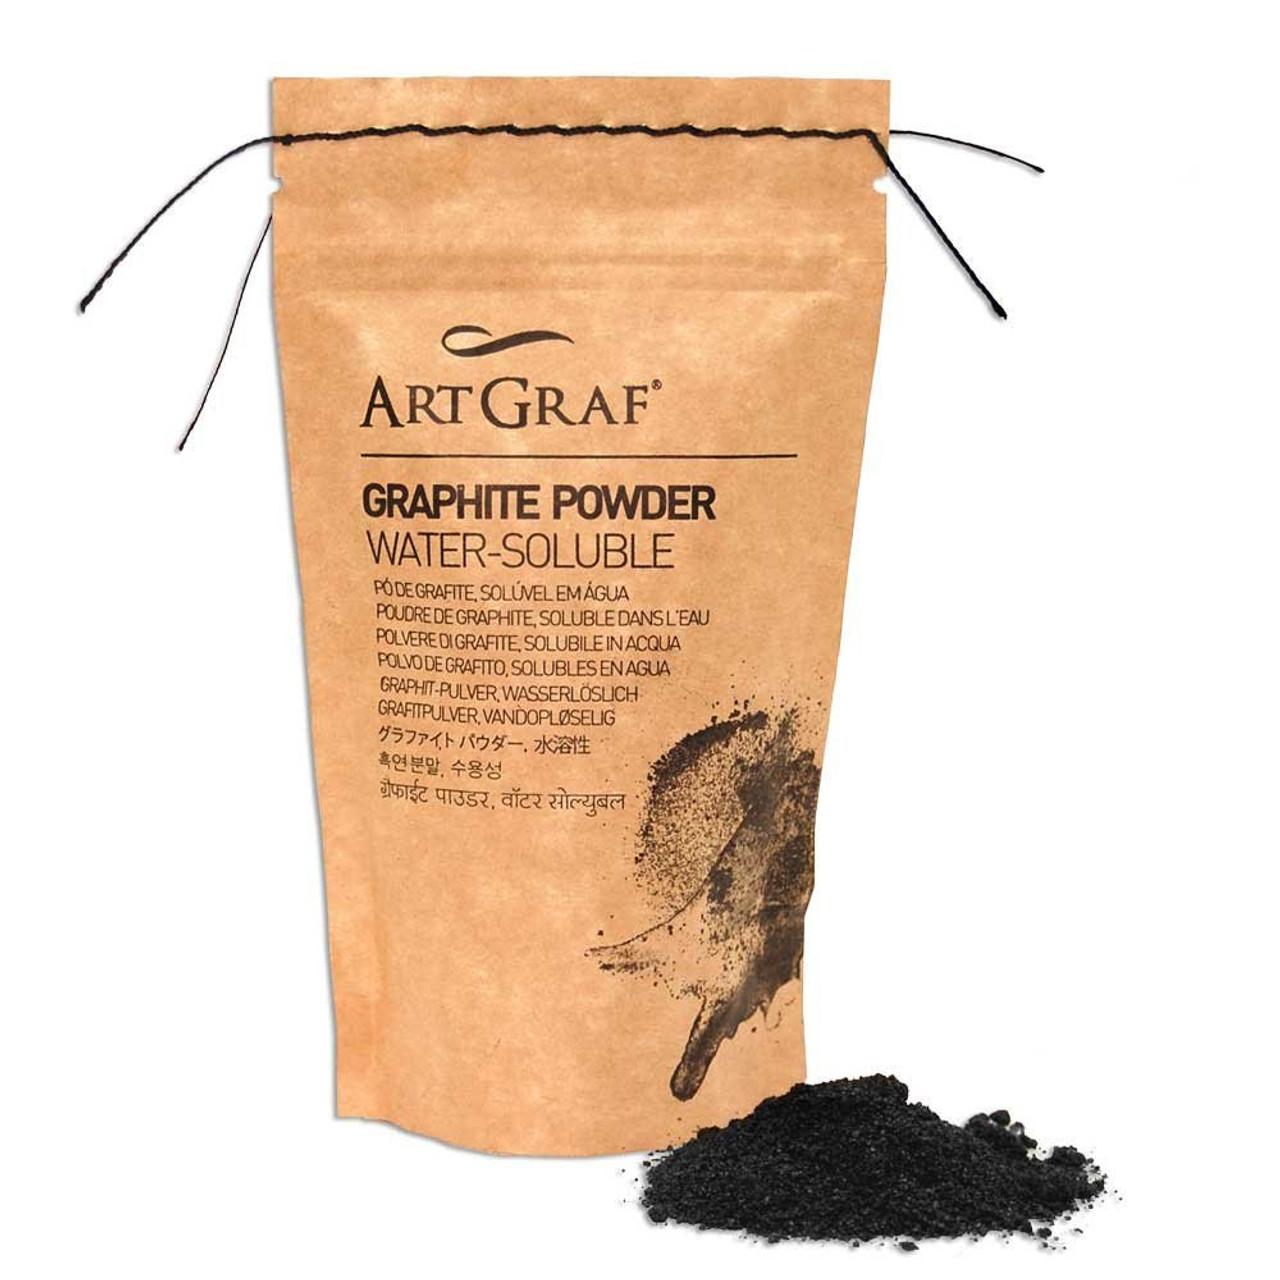 ArtGraf Graphite Powder 100gsm